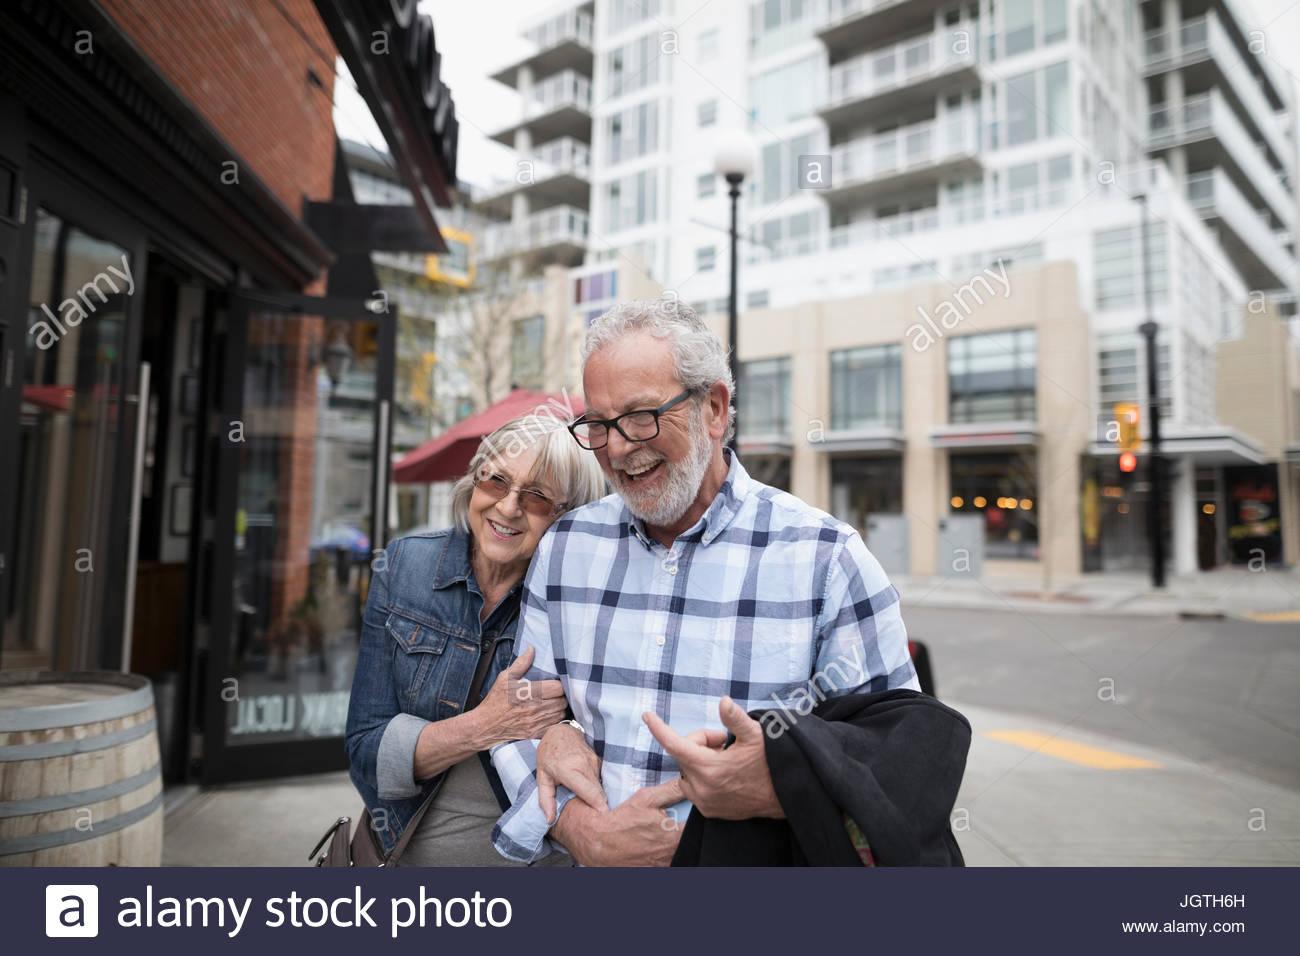 Sorridente, affettuosa coppia senior camminando sul marciapiede urbano Immagini Stock